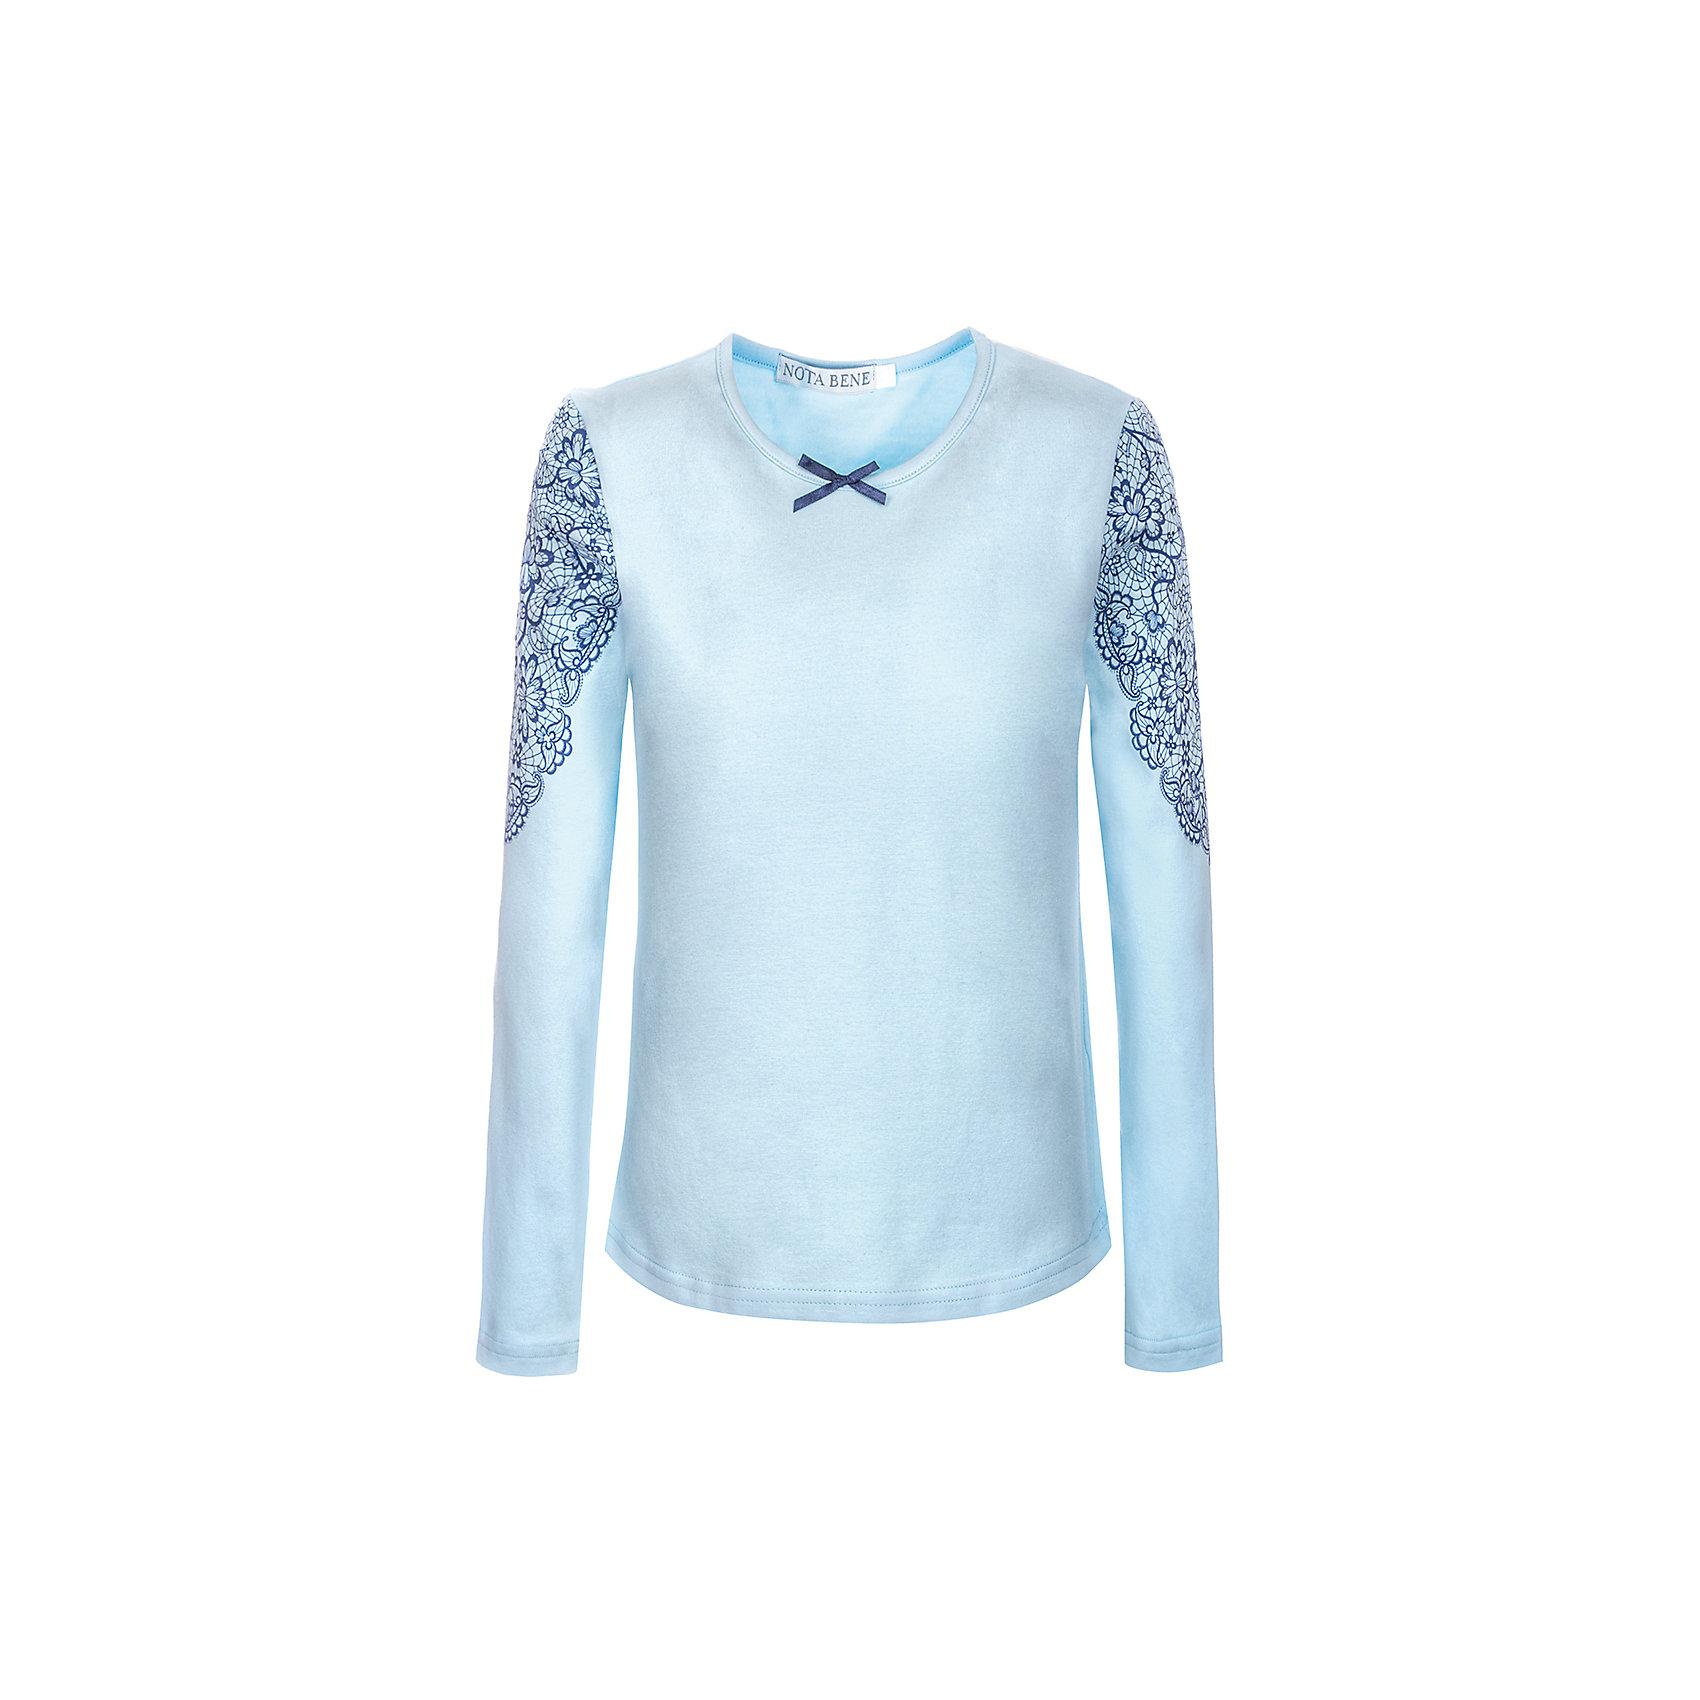 Блузка Nota Bene для девочкиБлузки и рубашки<br>Блузка с длинными рукавами с кружевной отделкой<br>Соответствует размеру<br>Рекомендована предварительная стирка<br>Состав:<br>92% хлопок; 8% лайкра<br><br>Ширина мм: 186<br>Глубина мм: 87<br>Высота мм: 198<br>Вес г: 197<br>Цвет: голубой<br>Возраст от месяцев: 96<br>Возраст до месяцев: 108<br>Пол: Женский<br>Возраст: Детский<br>Размер: 134,164,140,146,122,128,152,158<br>SKU: 7011989